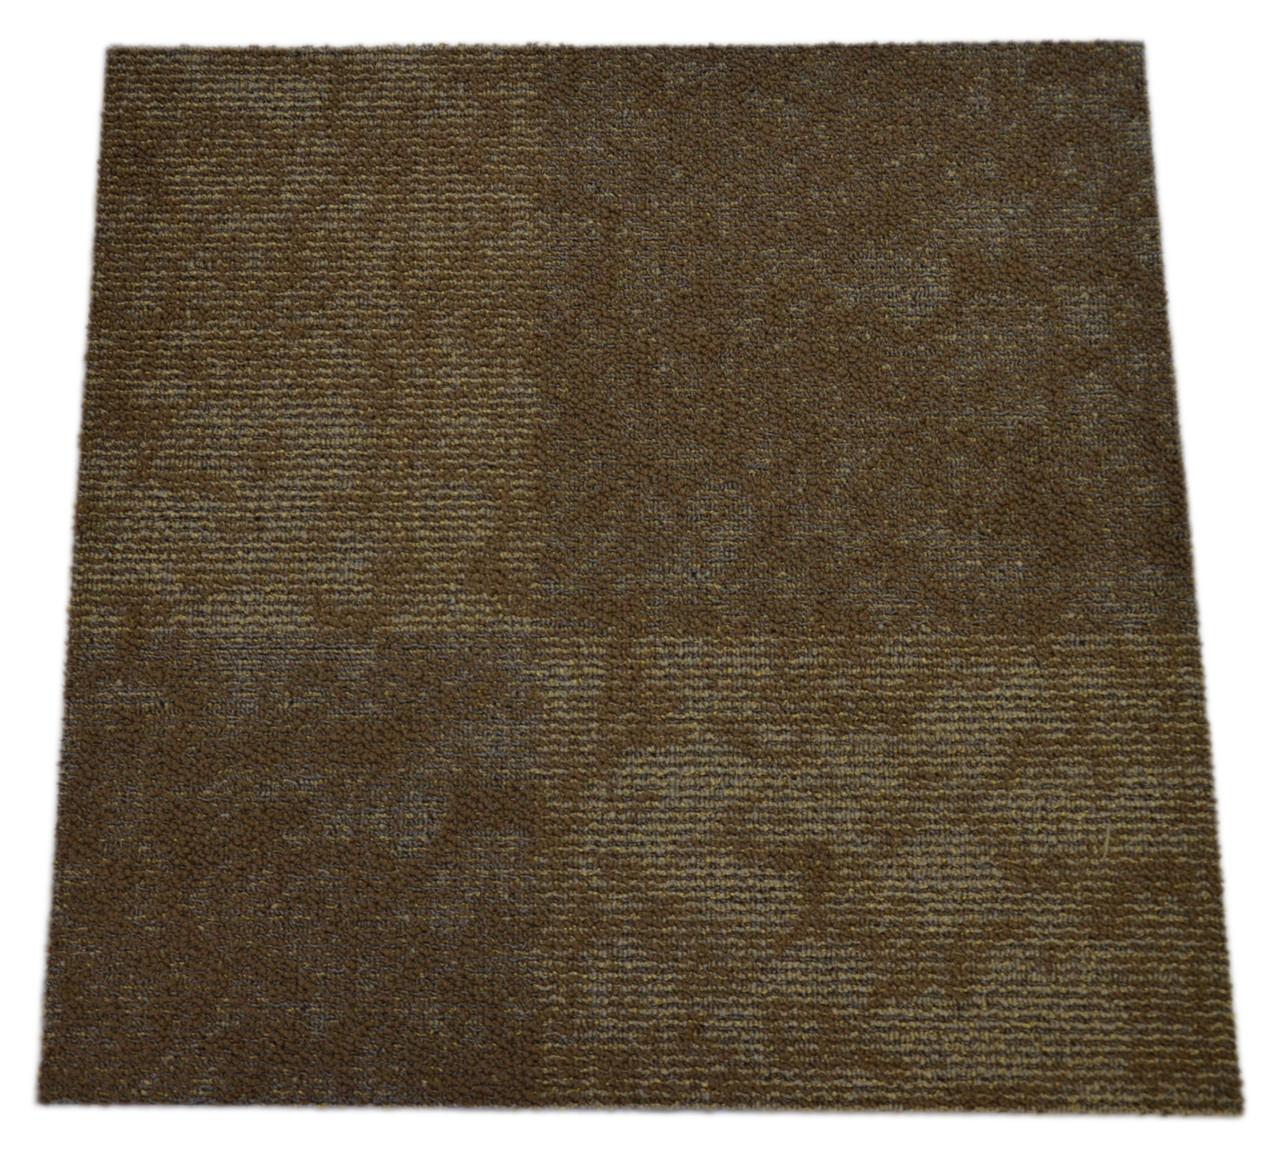 Dean Diy Carpet Tile Squares Freeform Brown Patterned